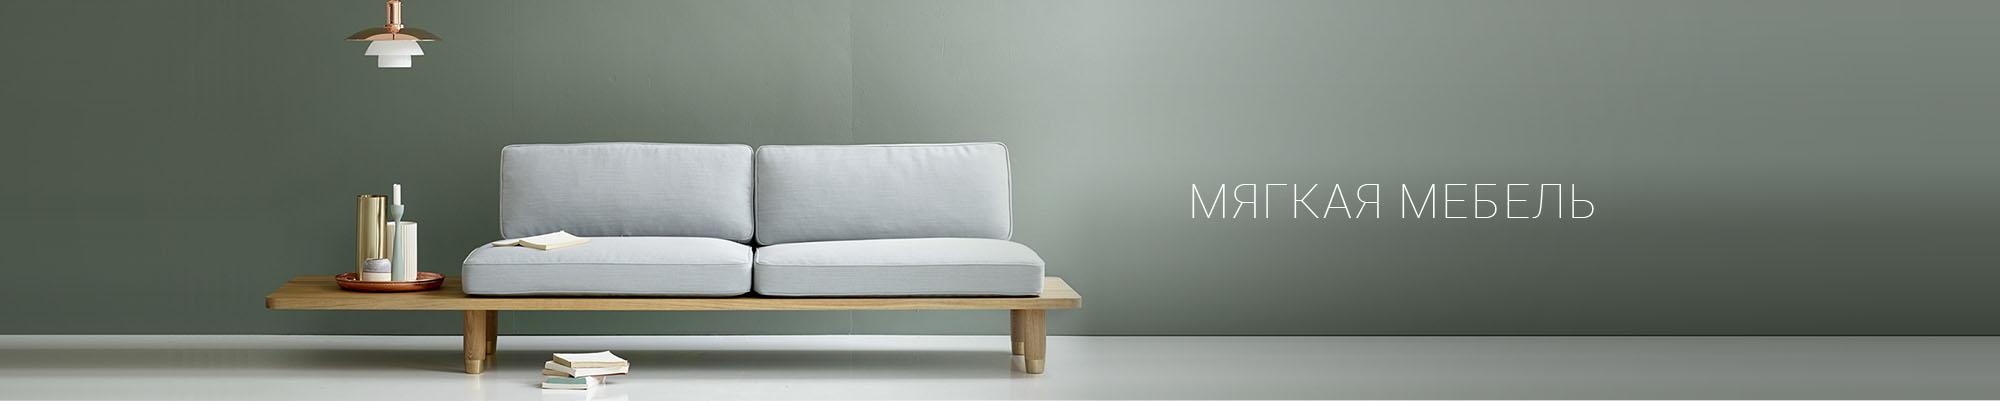 RoomDepot - интернет магазин мебели